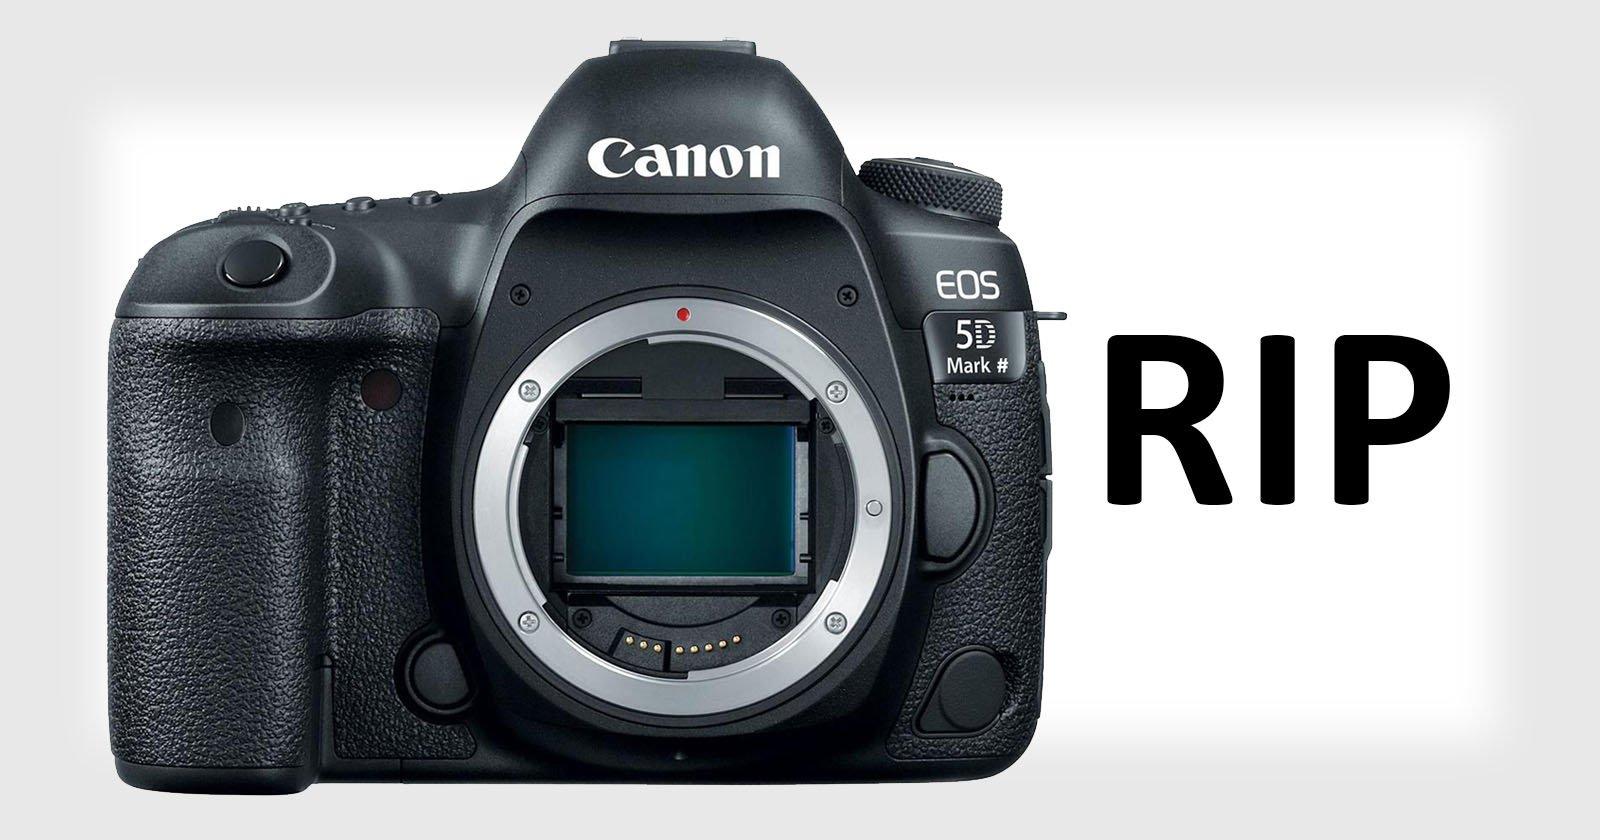 Canon's 5D DSLR Line is Dead: Report